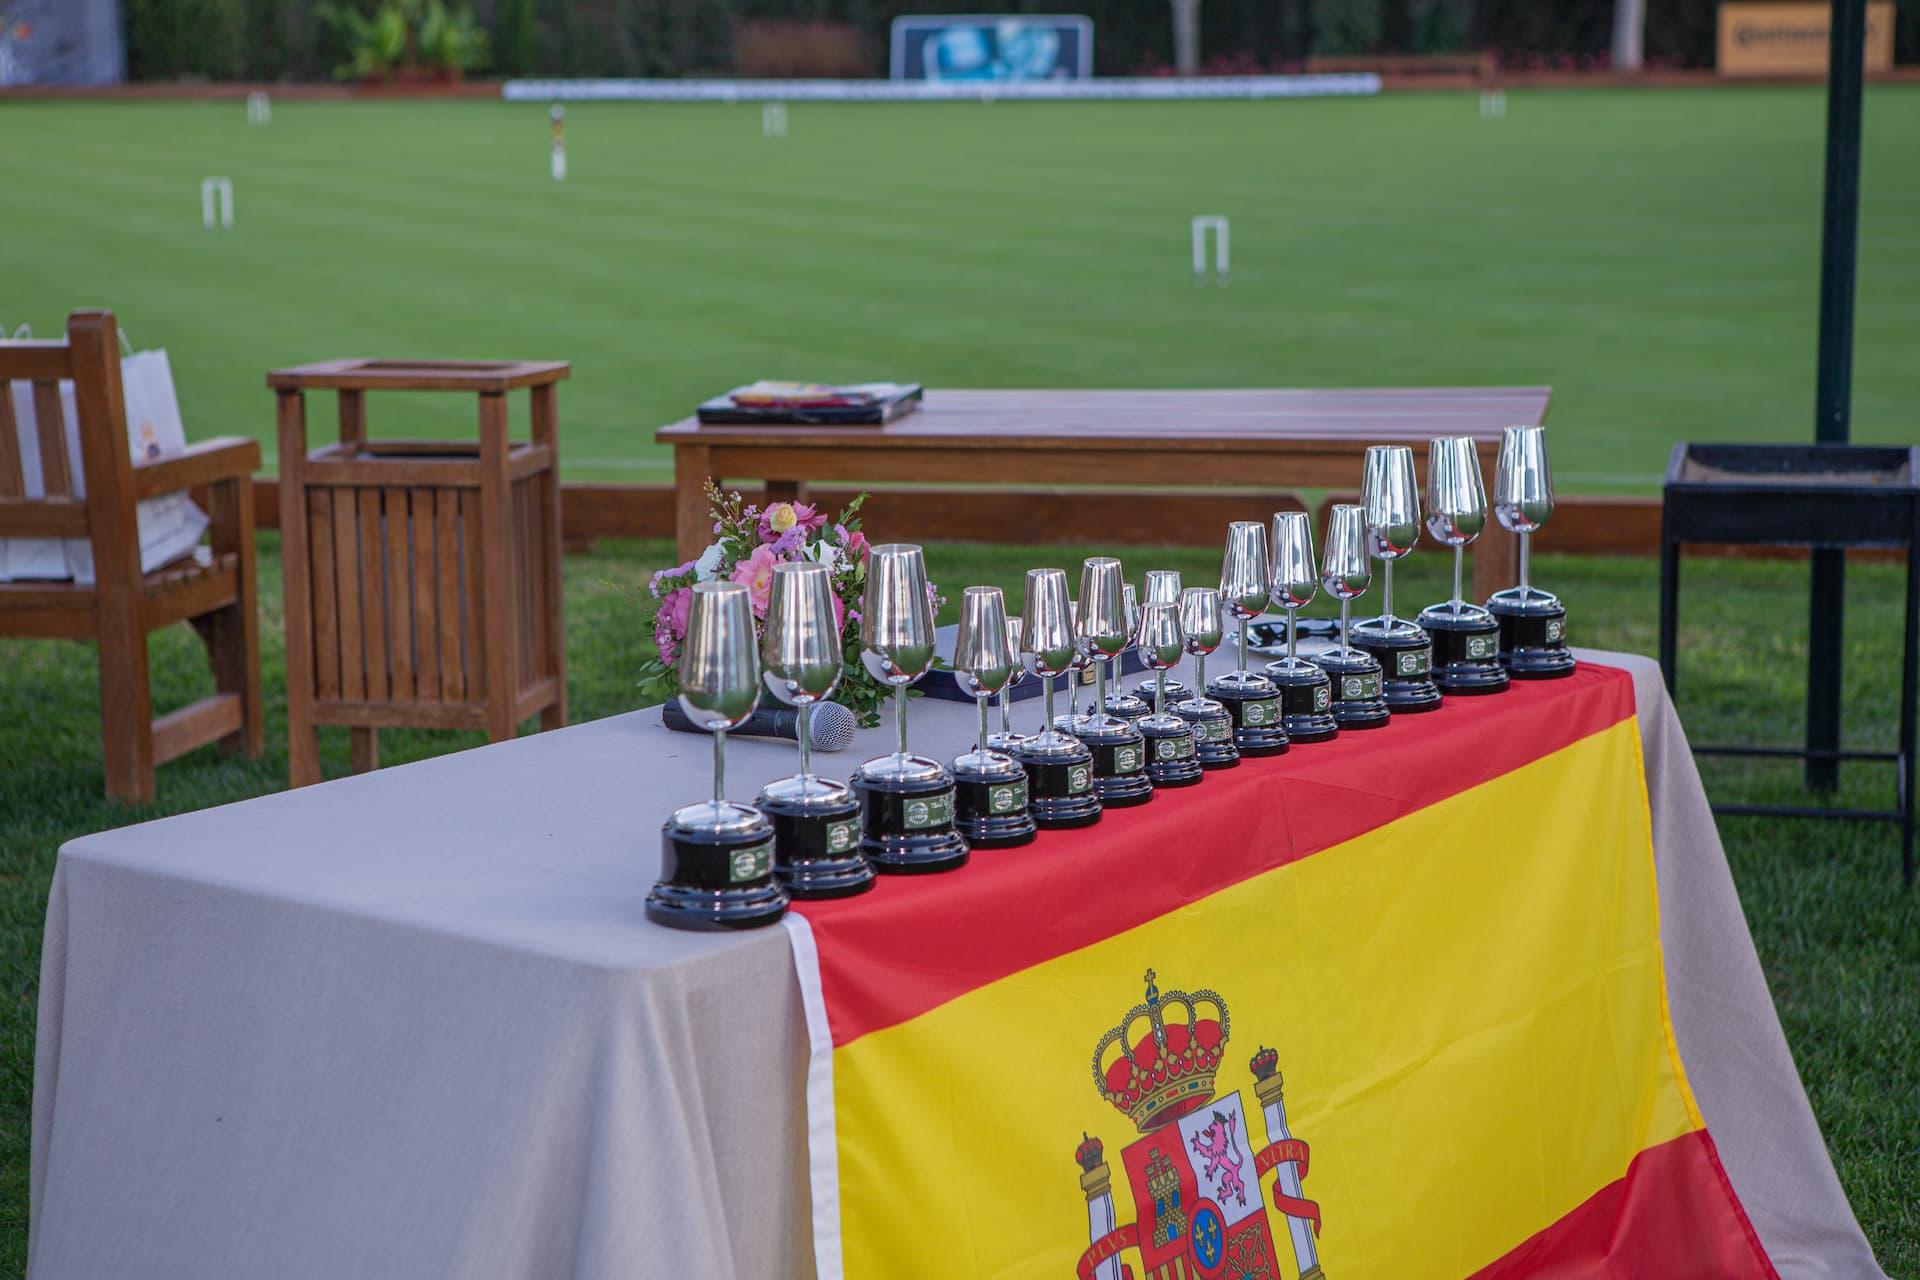 III Campeonato del Mundo de Croquet por Países - Real Novo Sancti Petri 01